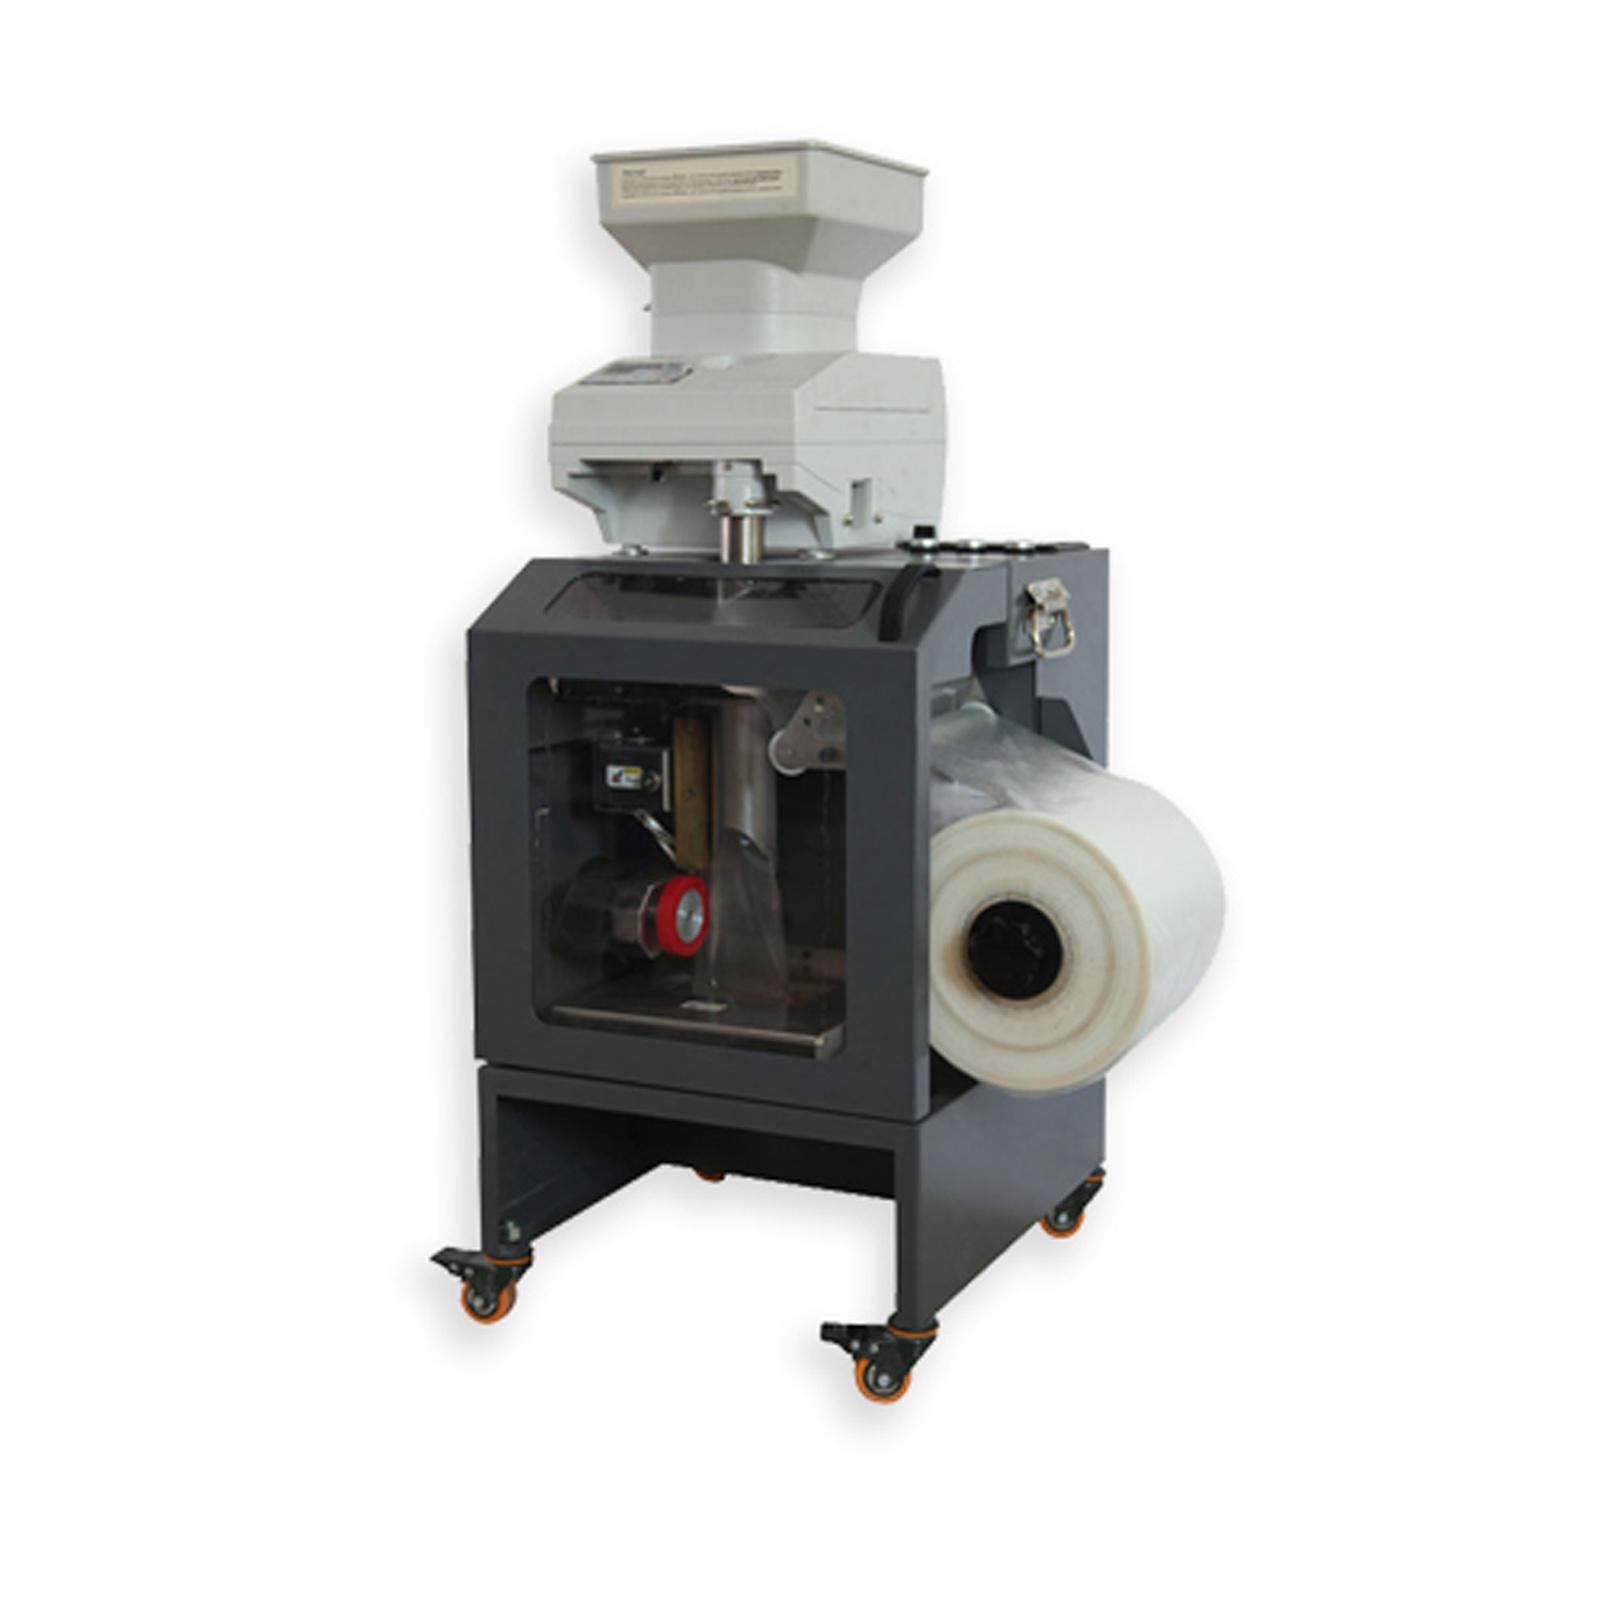 Münz-Sachet-Maschinenverpackungs- und -dichtungsmaschine SBDO1